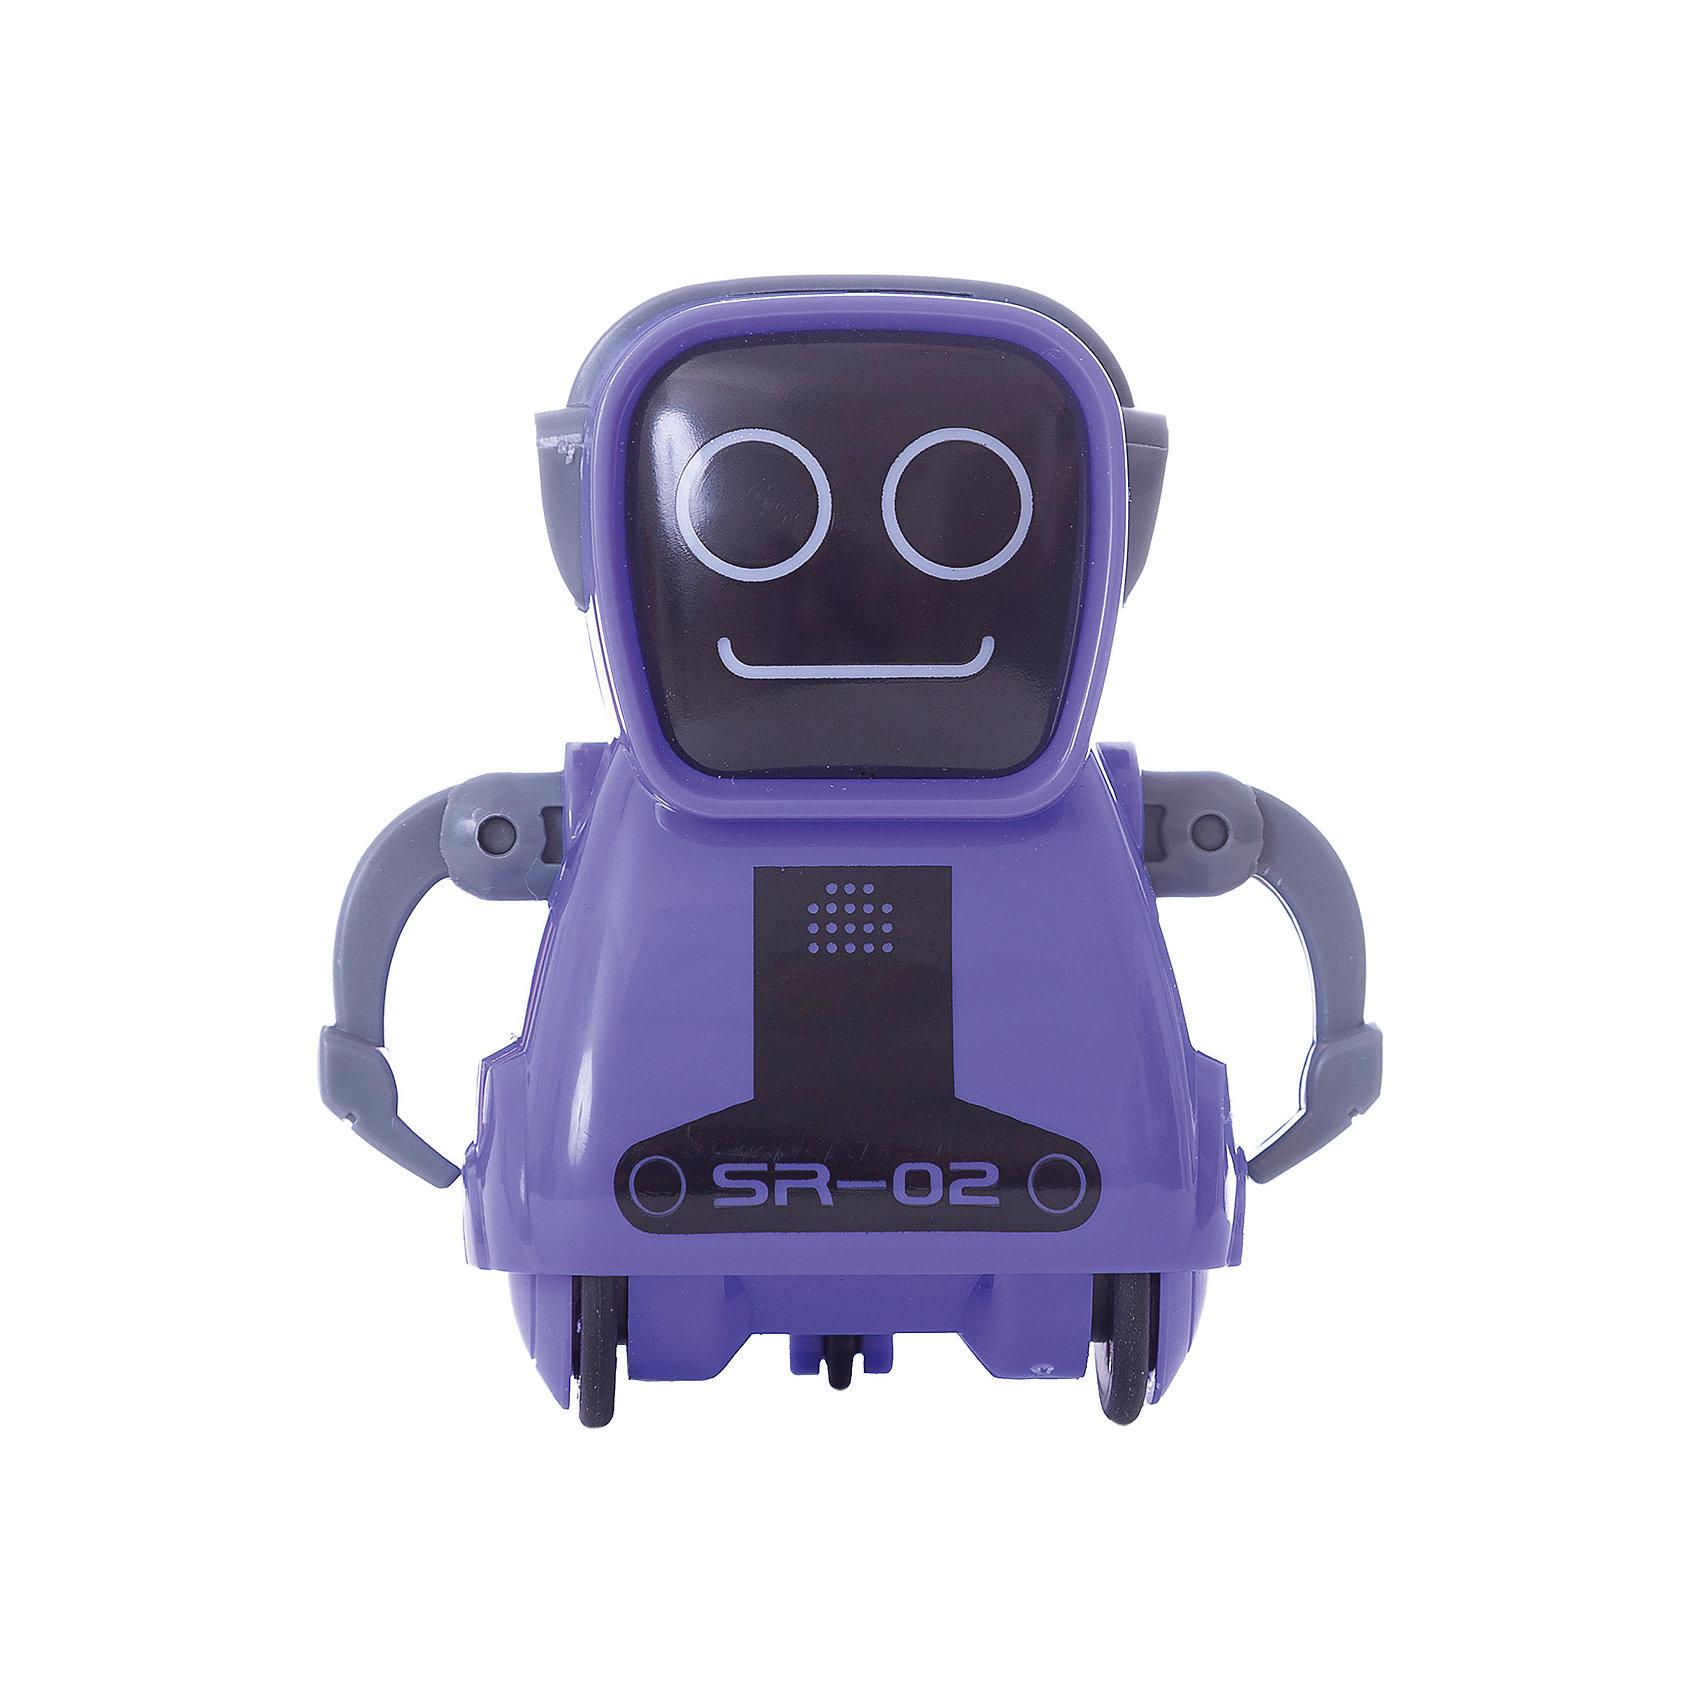 Робот Покибот (Pokibot), SilverlitРоботы<br><br><br>Ширина мм: 304<br>Глубина мм: 101<br>Высота мм: 279<br>Вес г: 146<br>Возраст от месяцев: 36<br>Возраст до месяцев: 144<br>Пол: Мужской<br>Возраст: Детский<br>SKU: 5532618